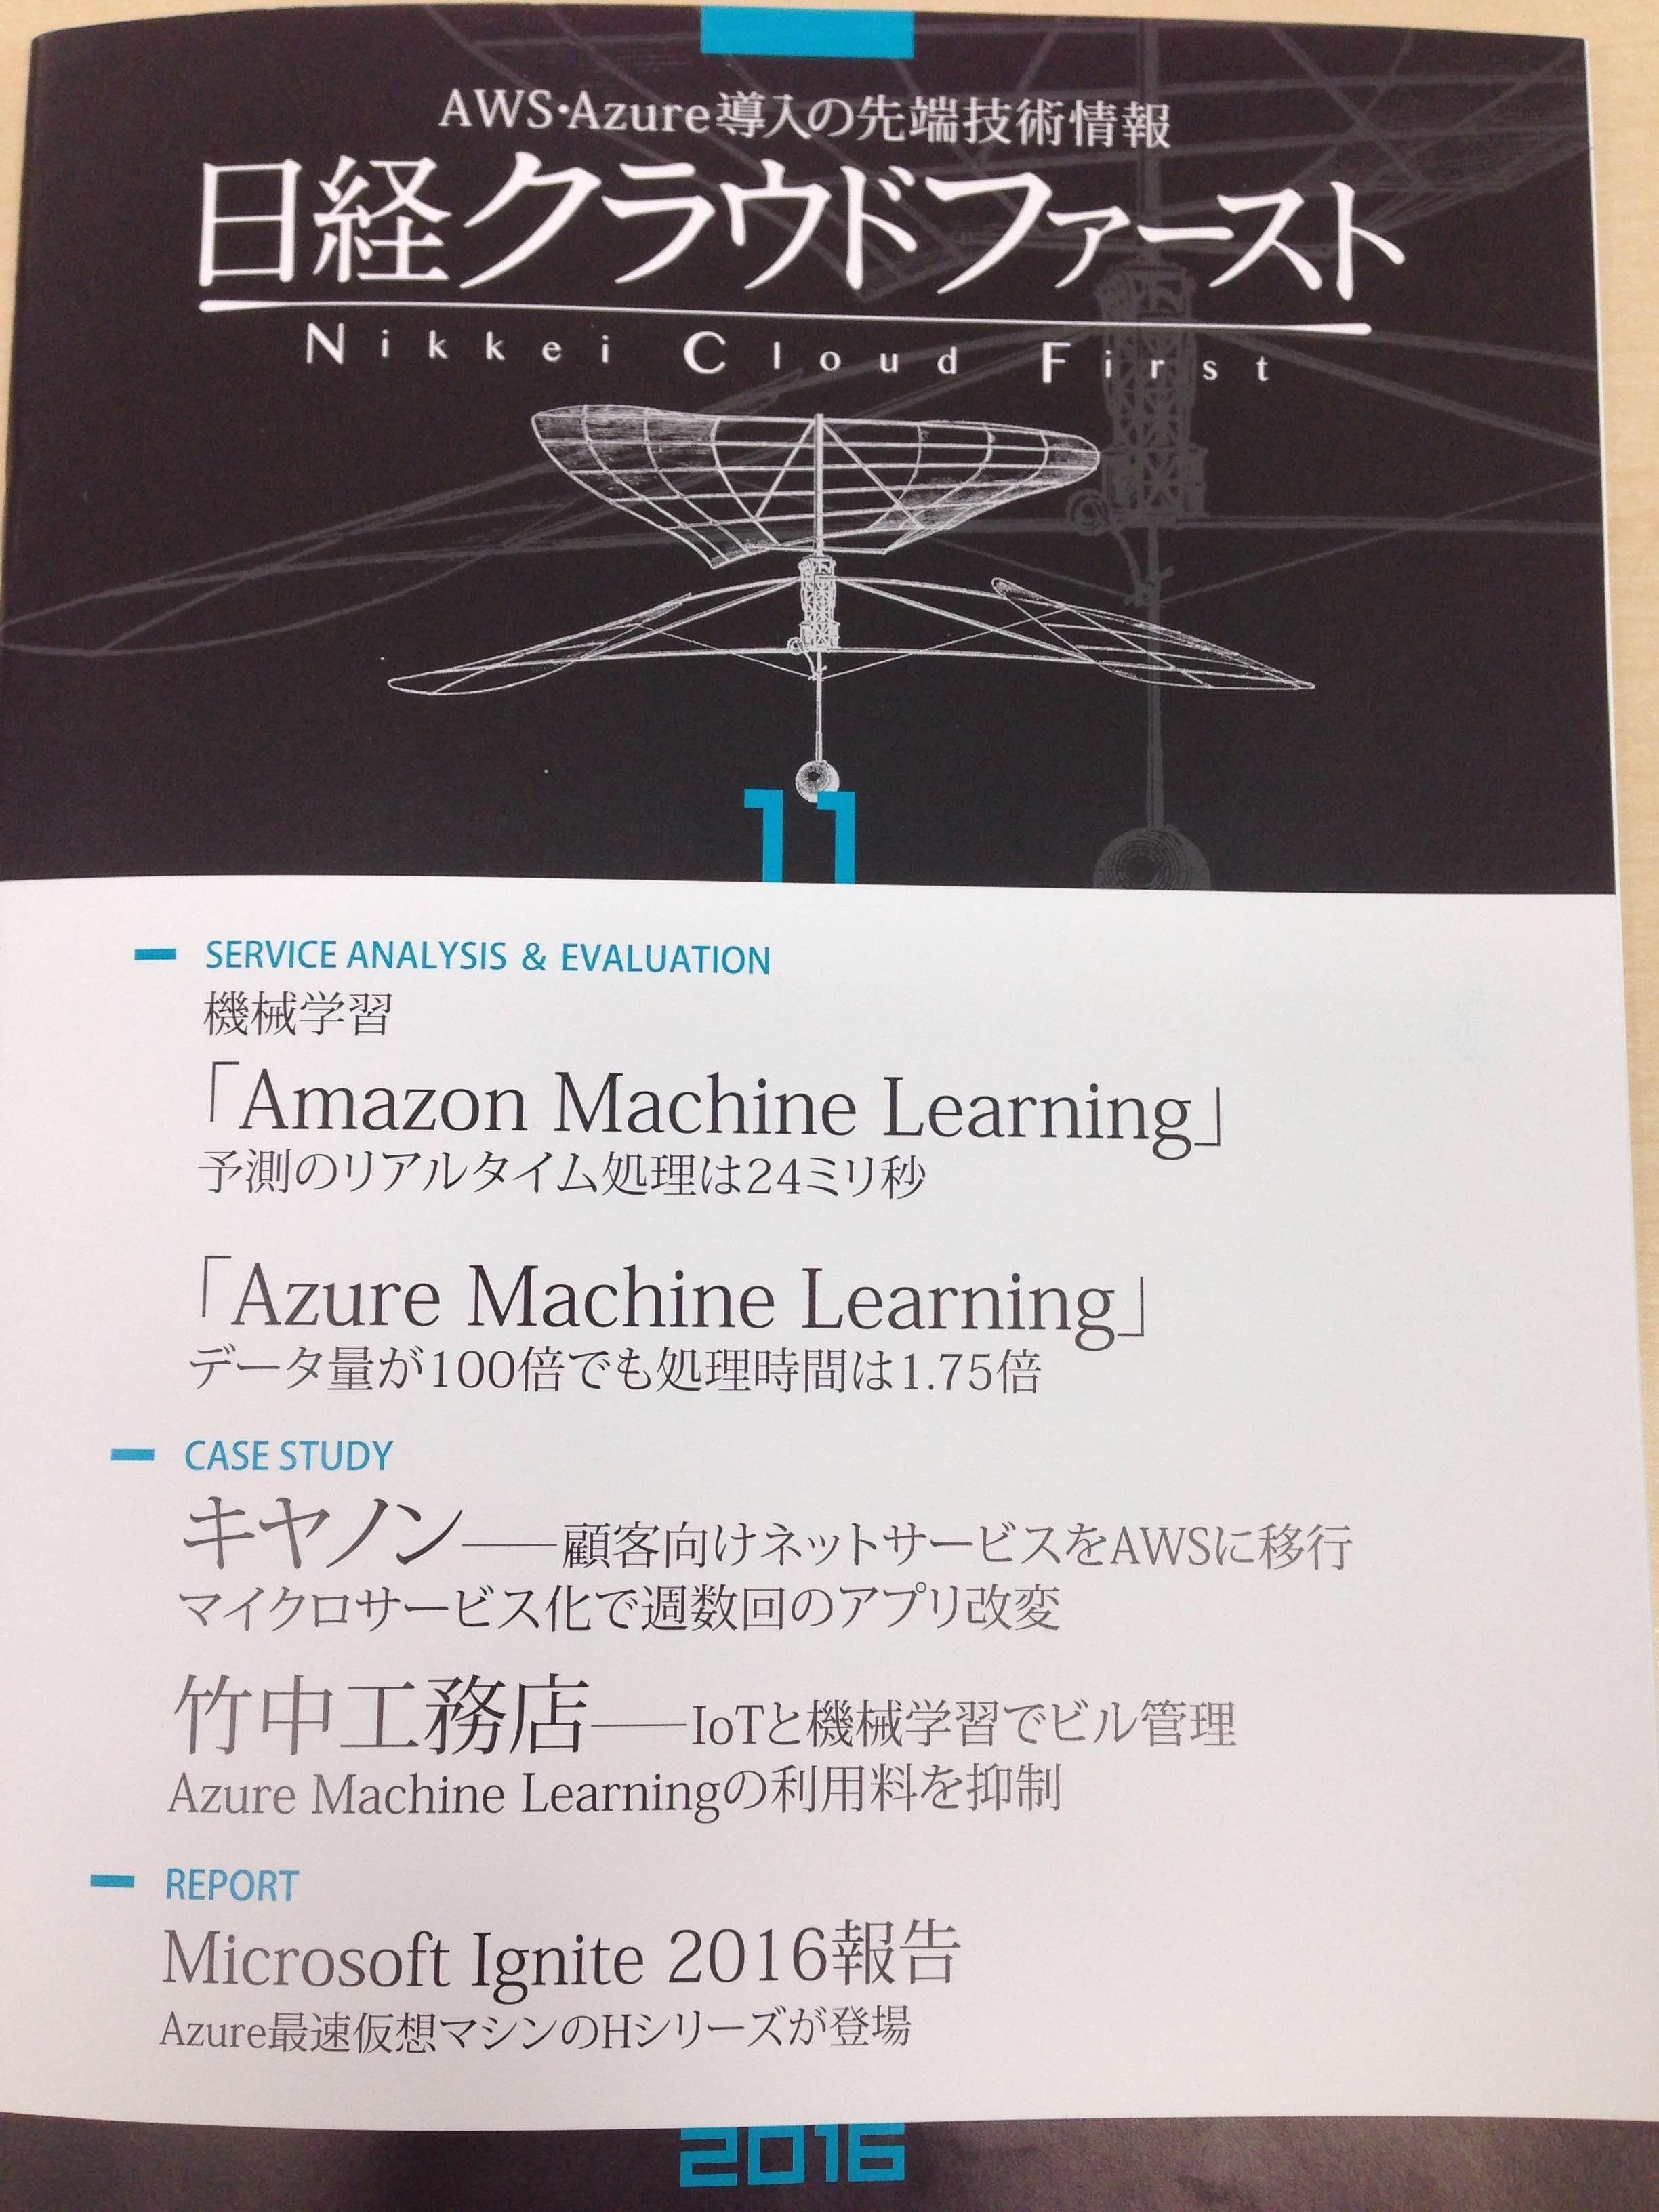 10月20日発売の日経クラウドファースト11月号にサーバーワークスエンジニアが寄稿しました!